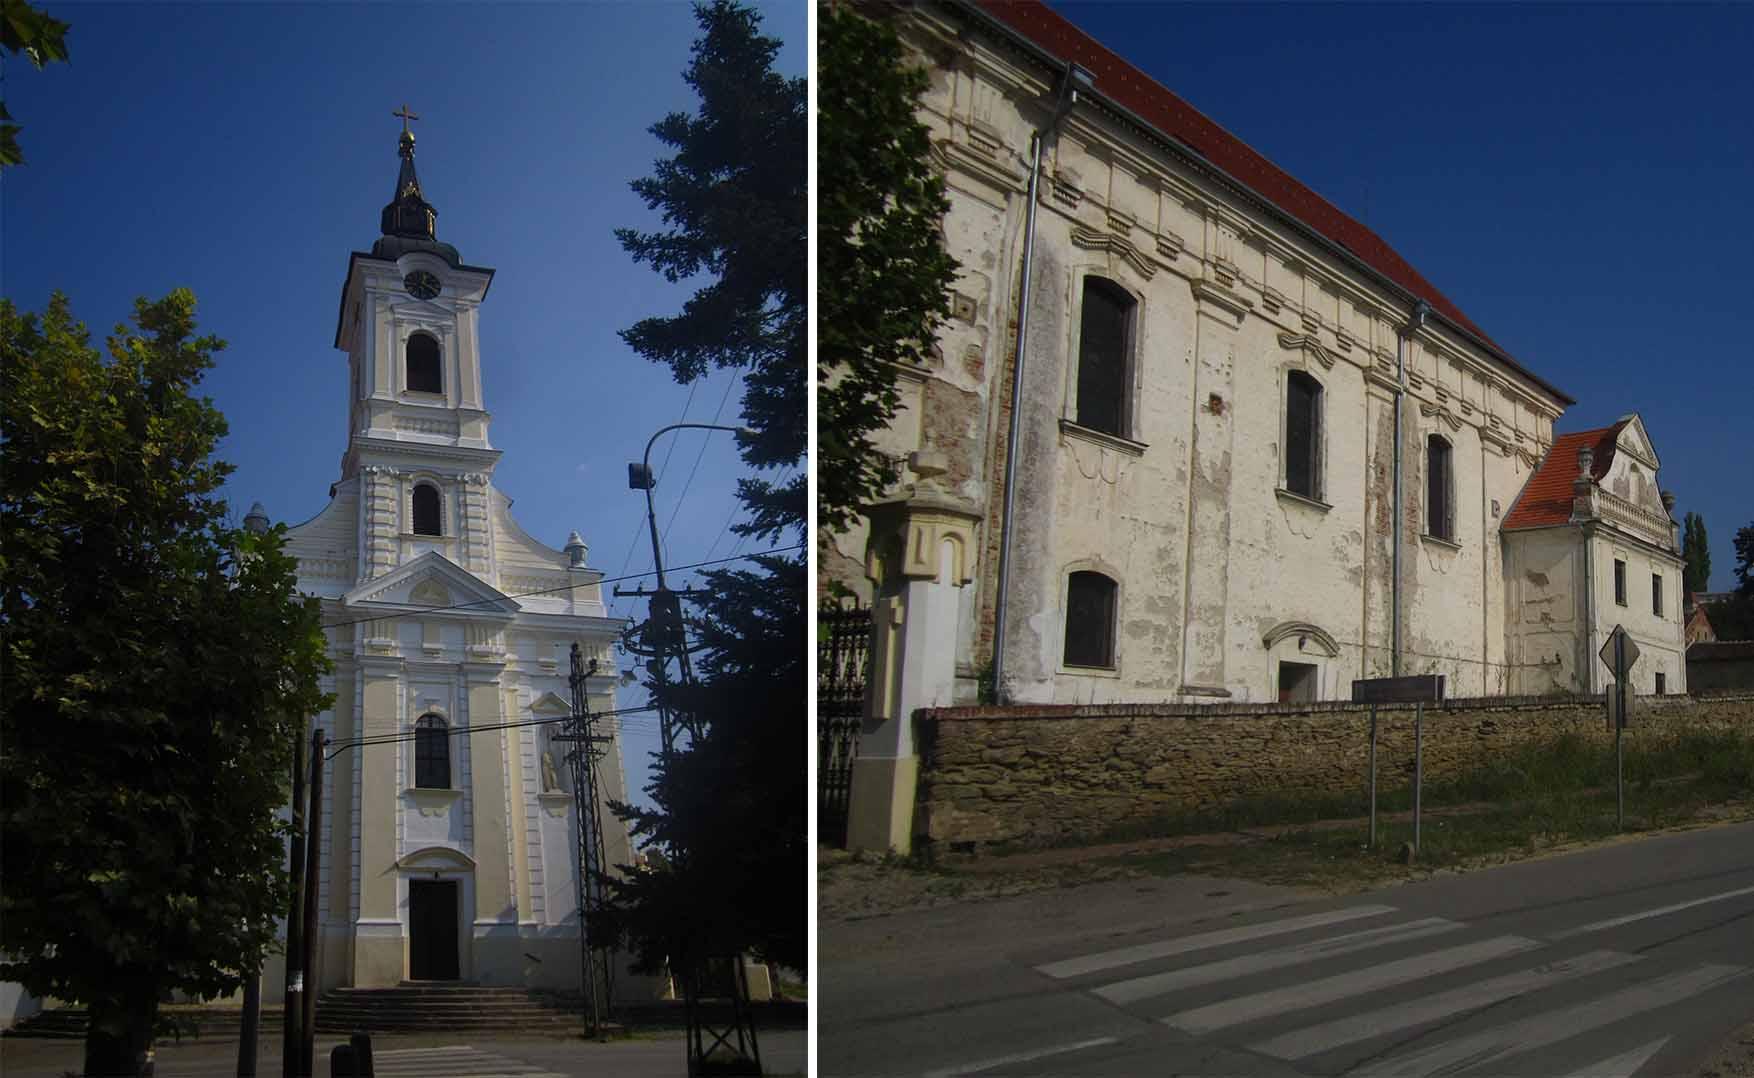 122 Bela Crkva